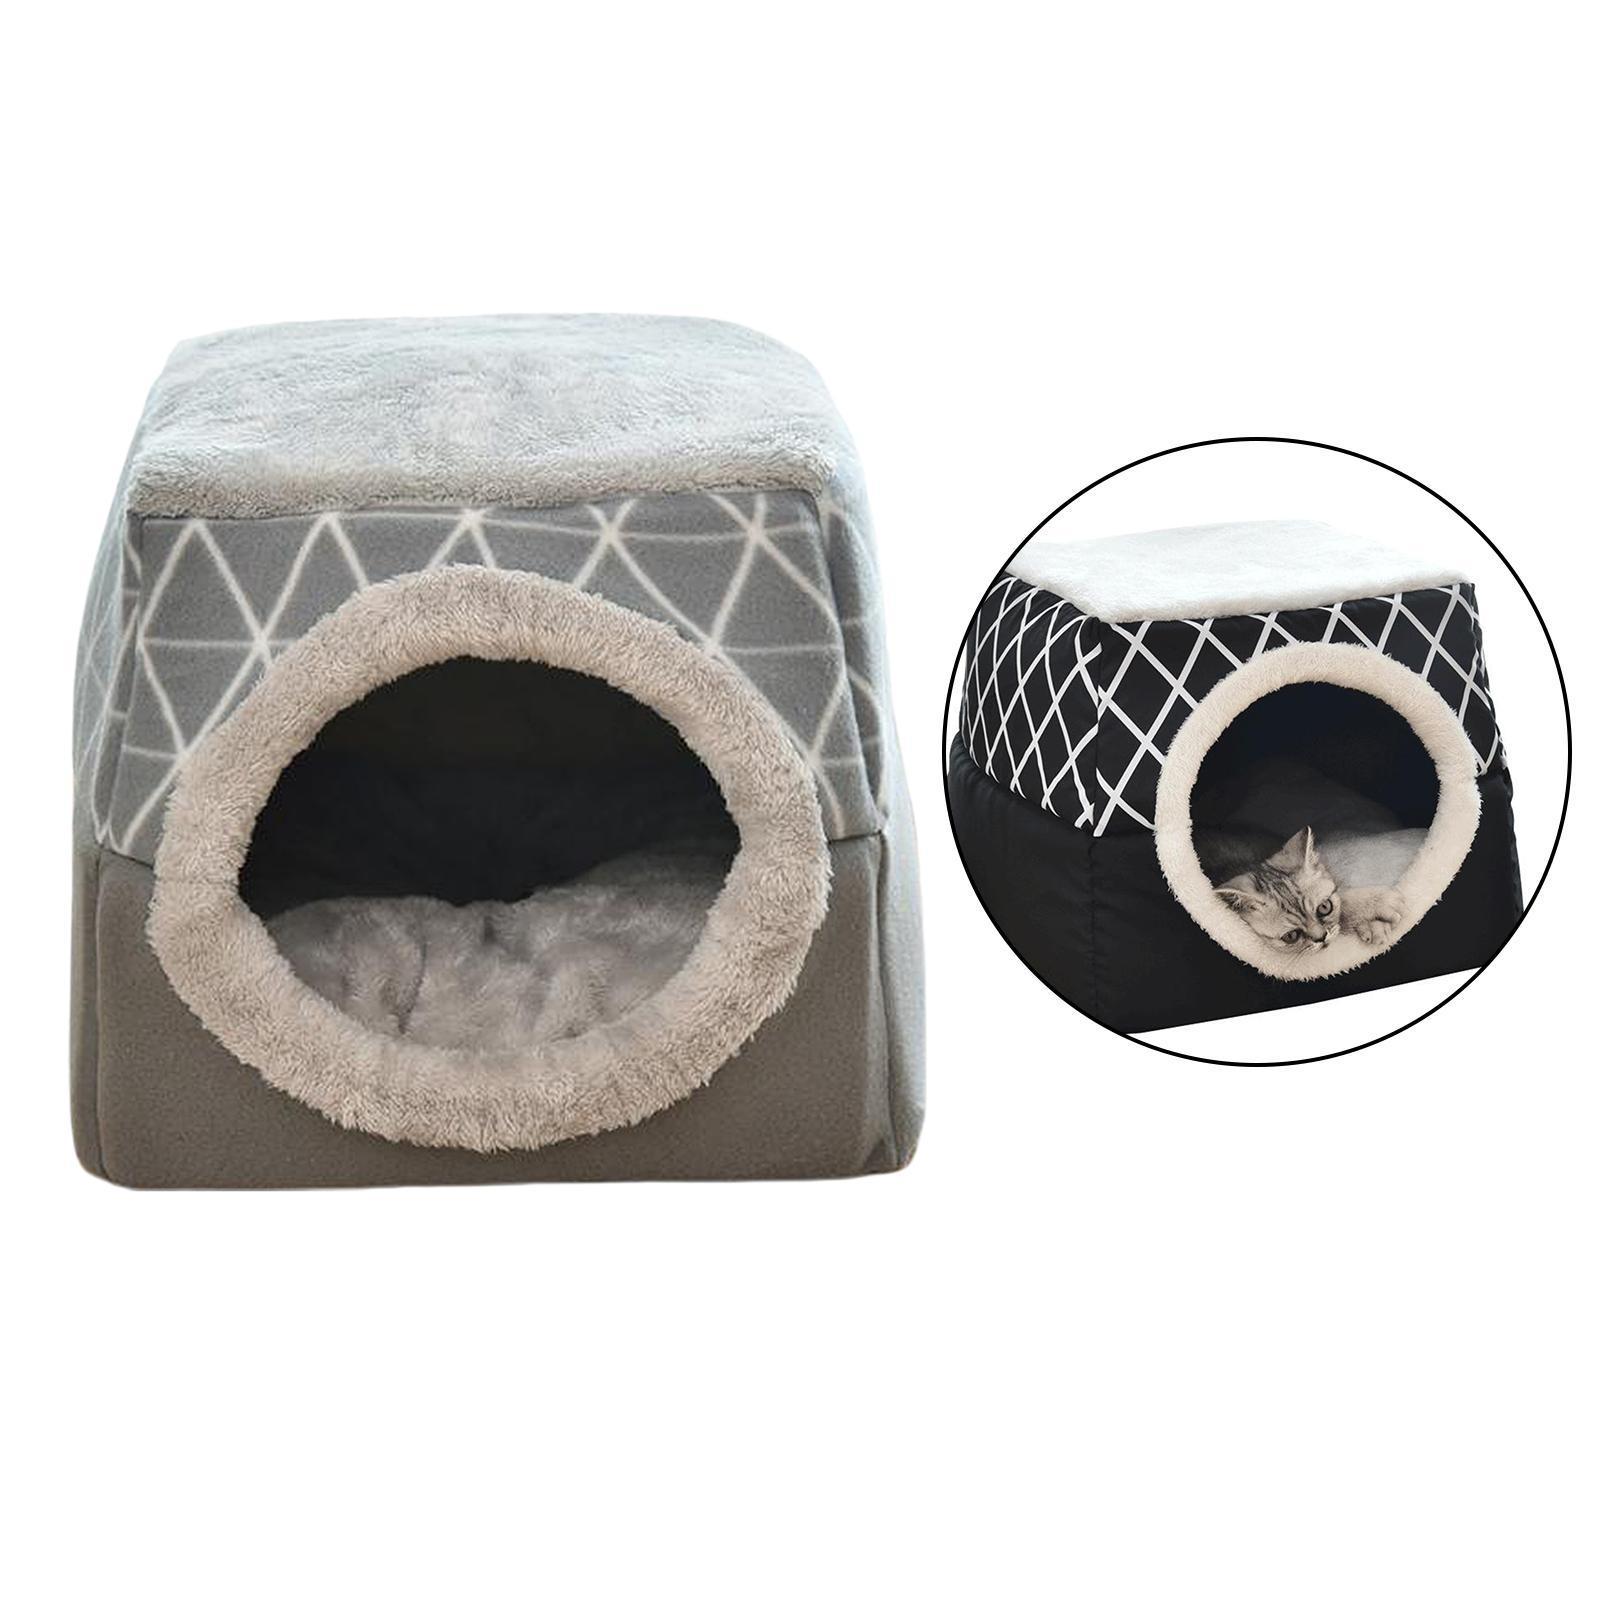 Indexbild 6 - 2-in-1-Weichen-Katzen-Haus-Schlafen-Bett-Zwinger-Puppy-Cave-Warme-Nest-Matte